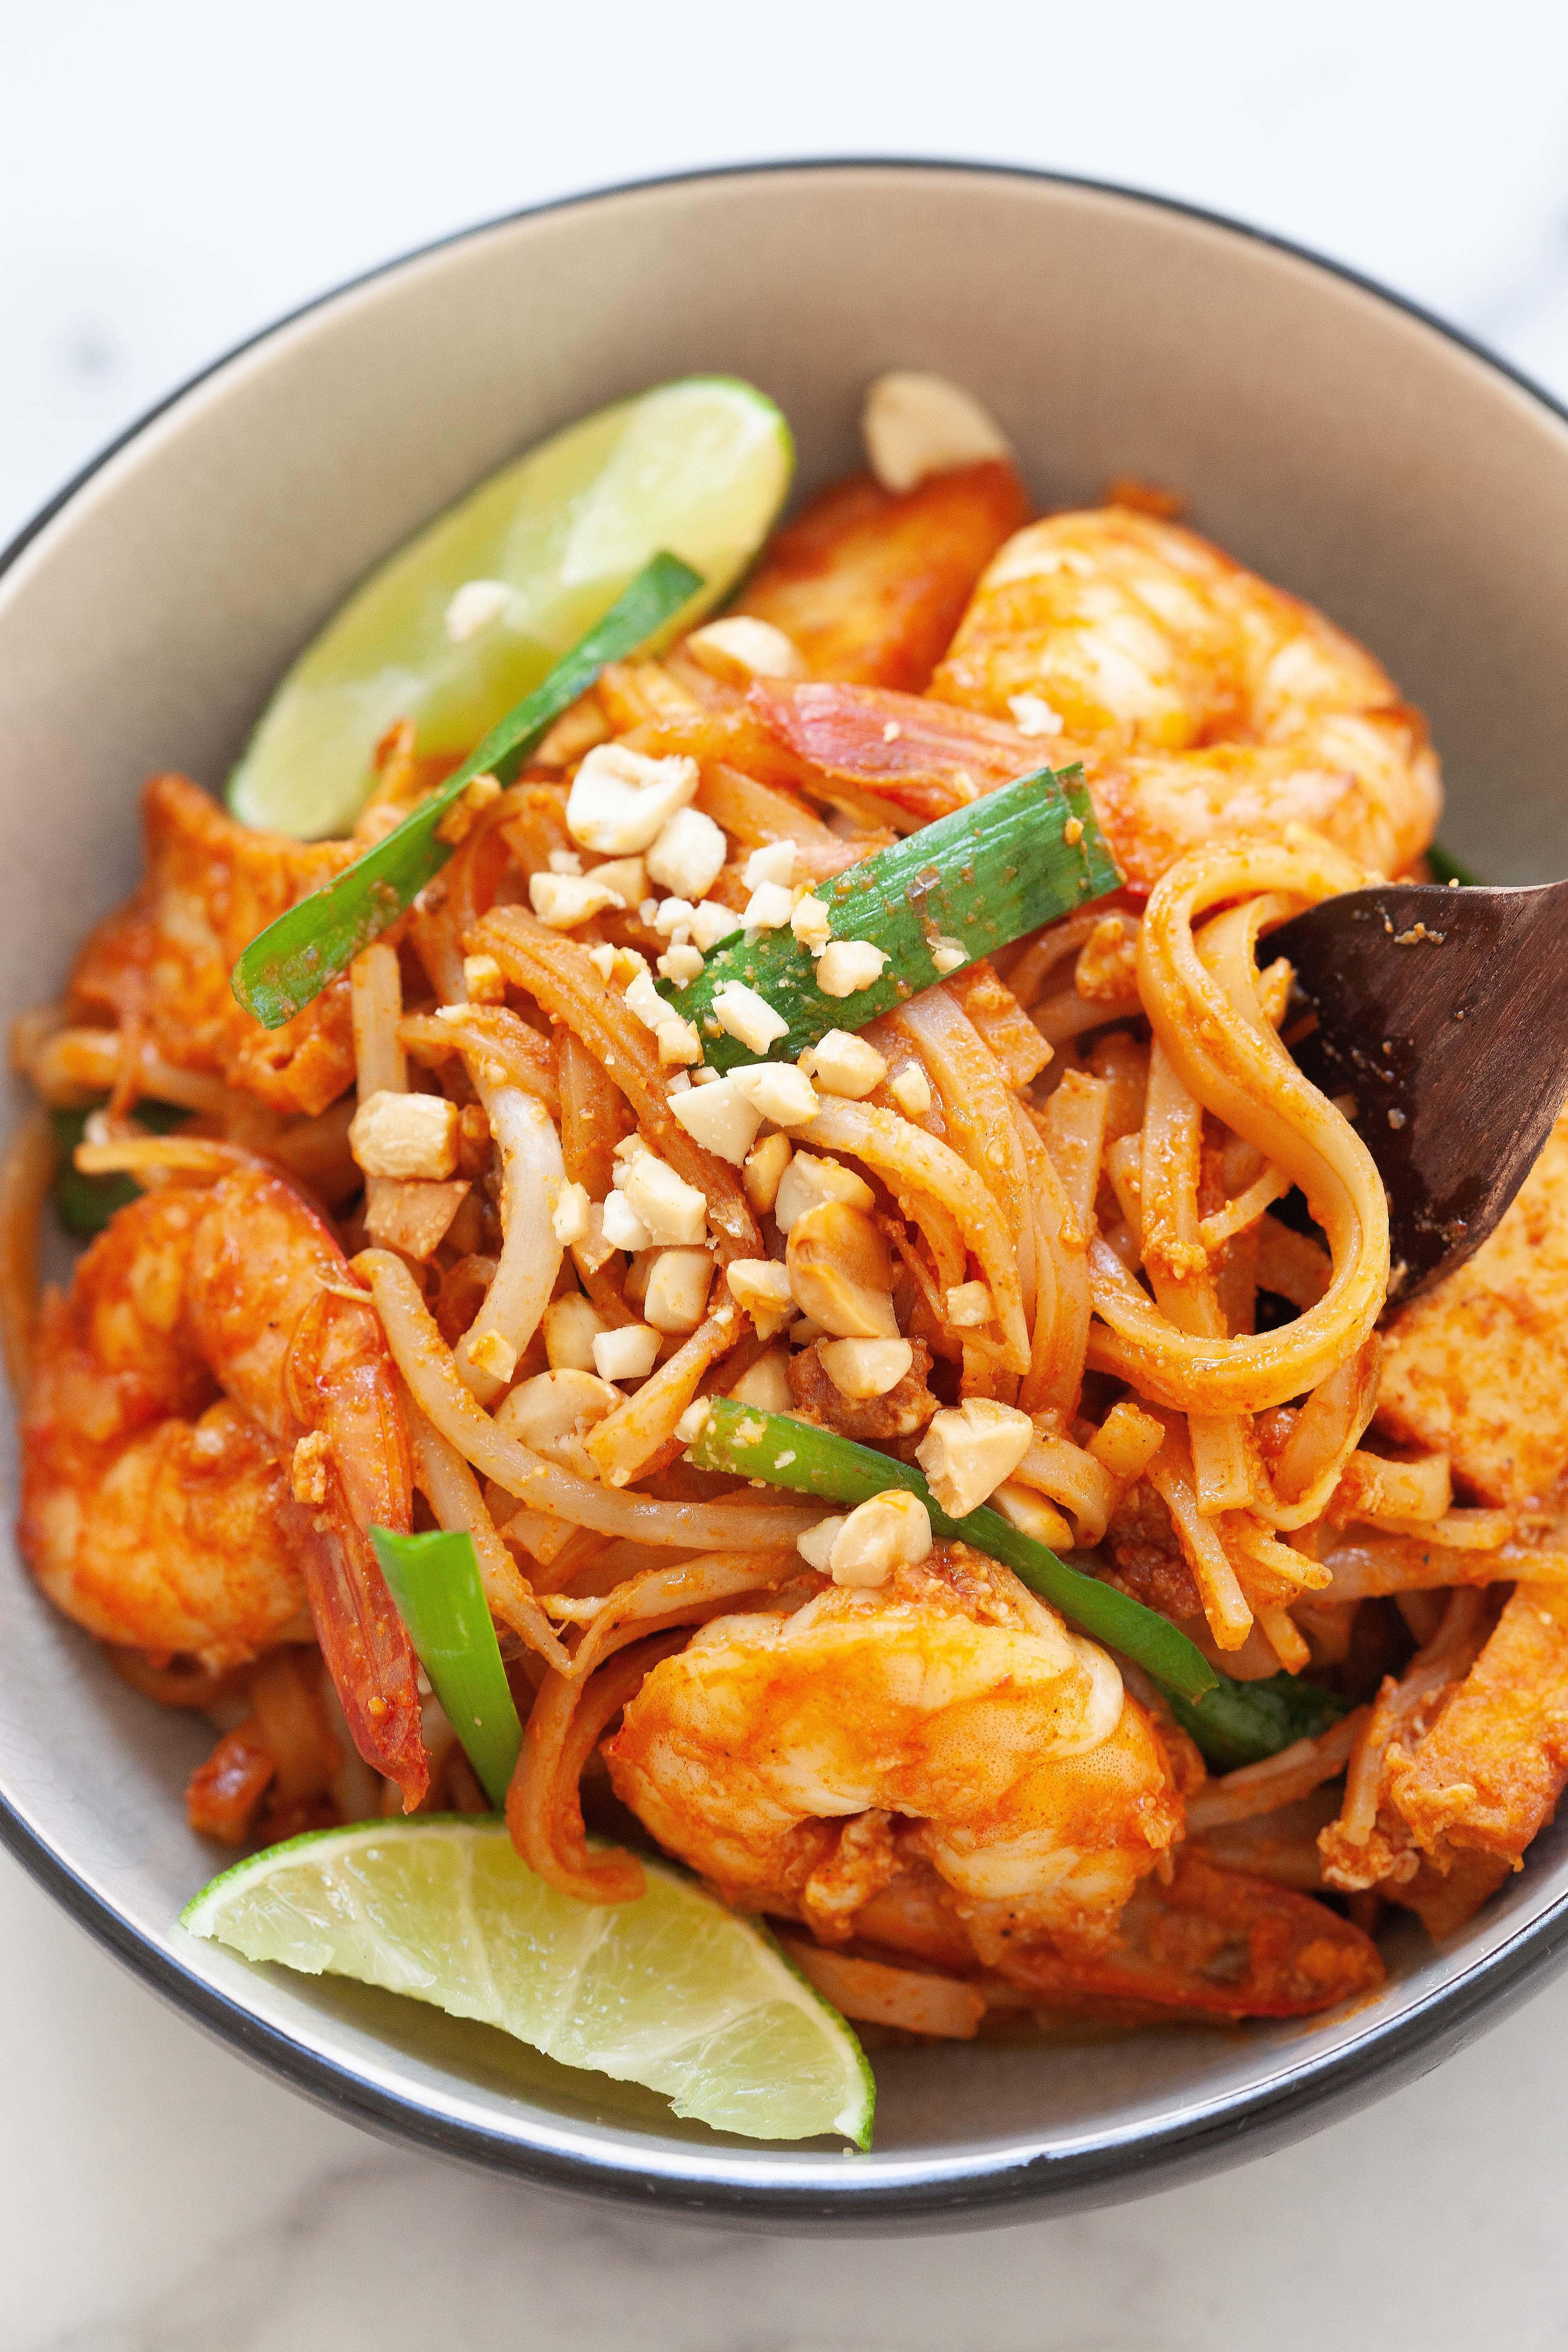 Nouilles Pad Thai avec nouilles de riz, sauce Pad Thai, poulet, crevettes et tofu.